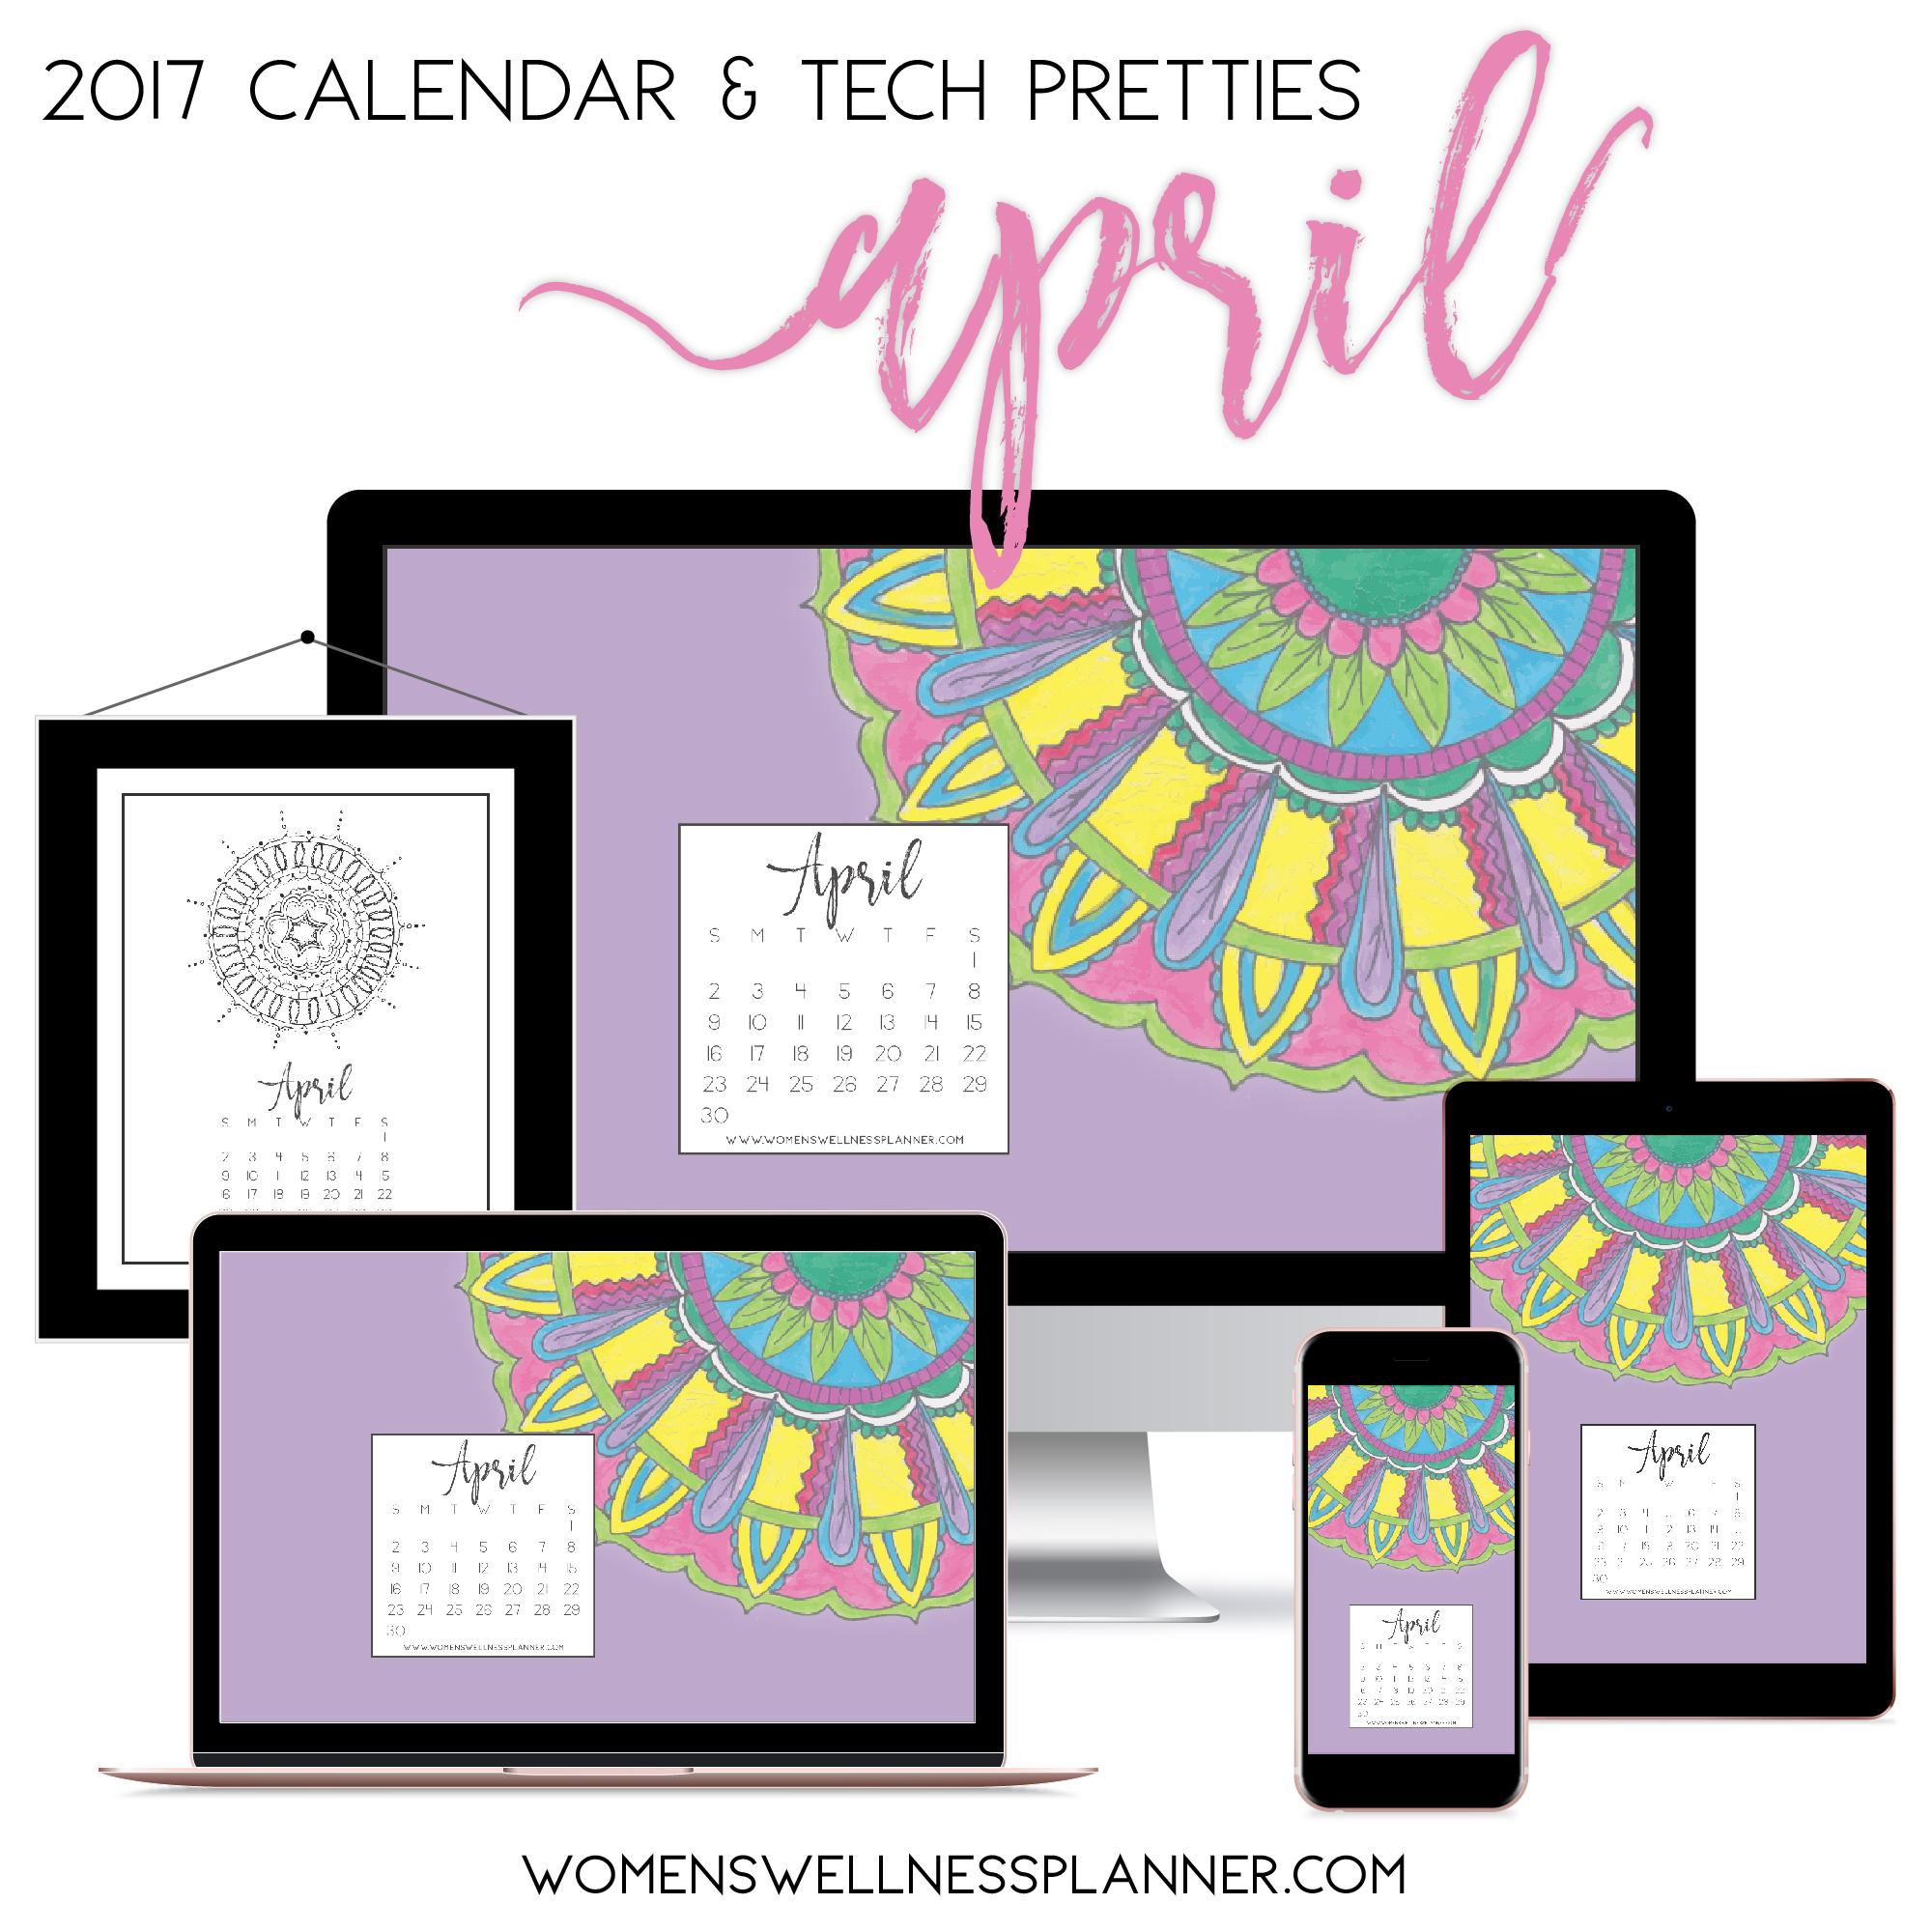 April 2017 Printable Calendar & Tech Pretties | Women's Wellness Planner